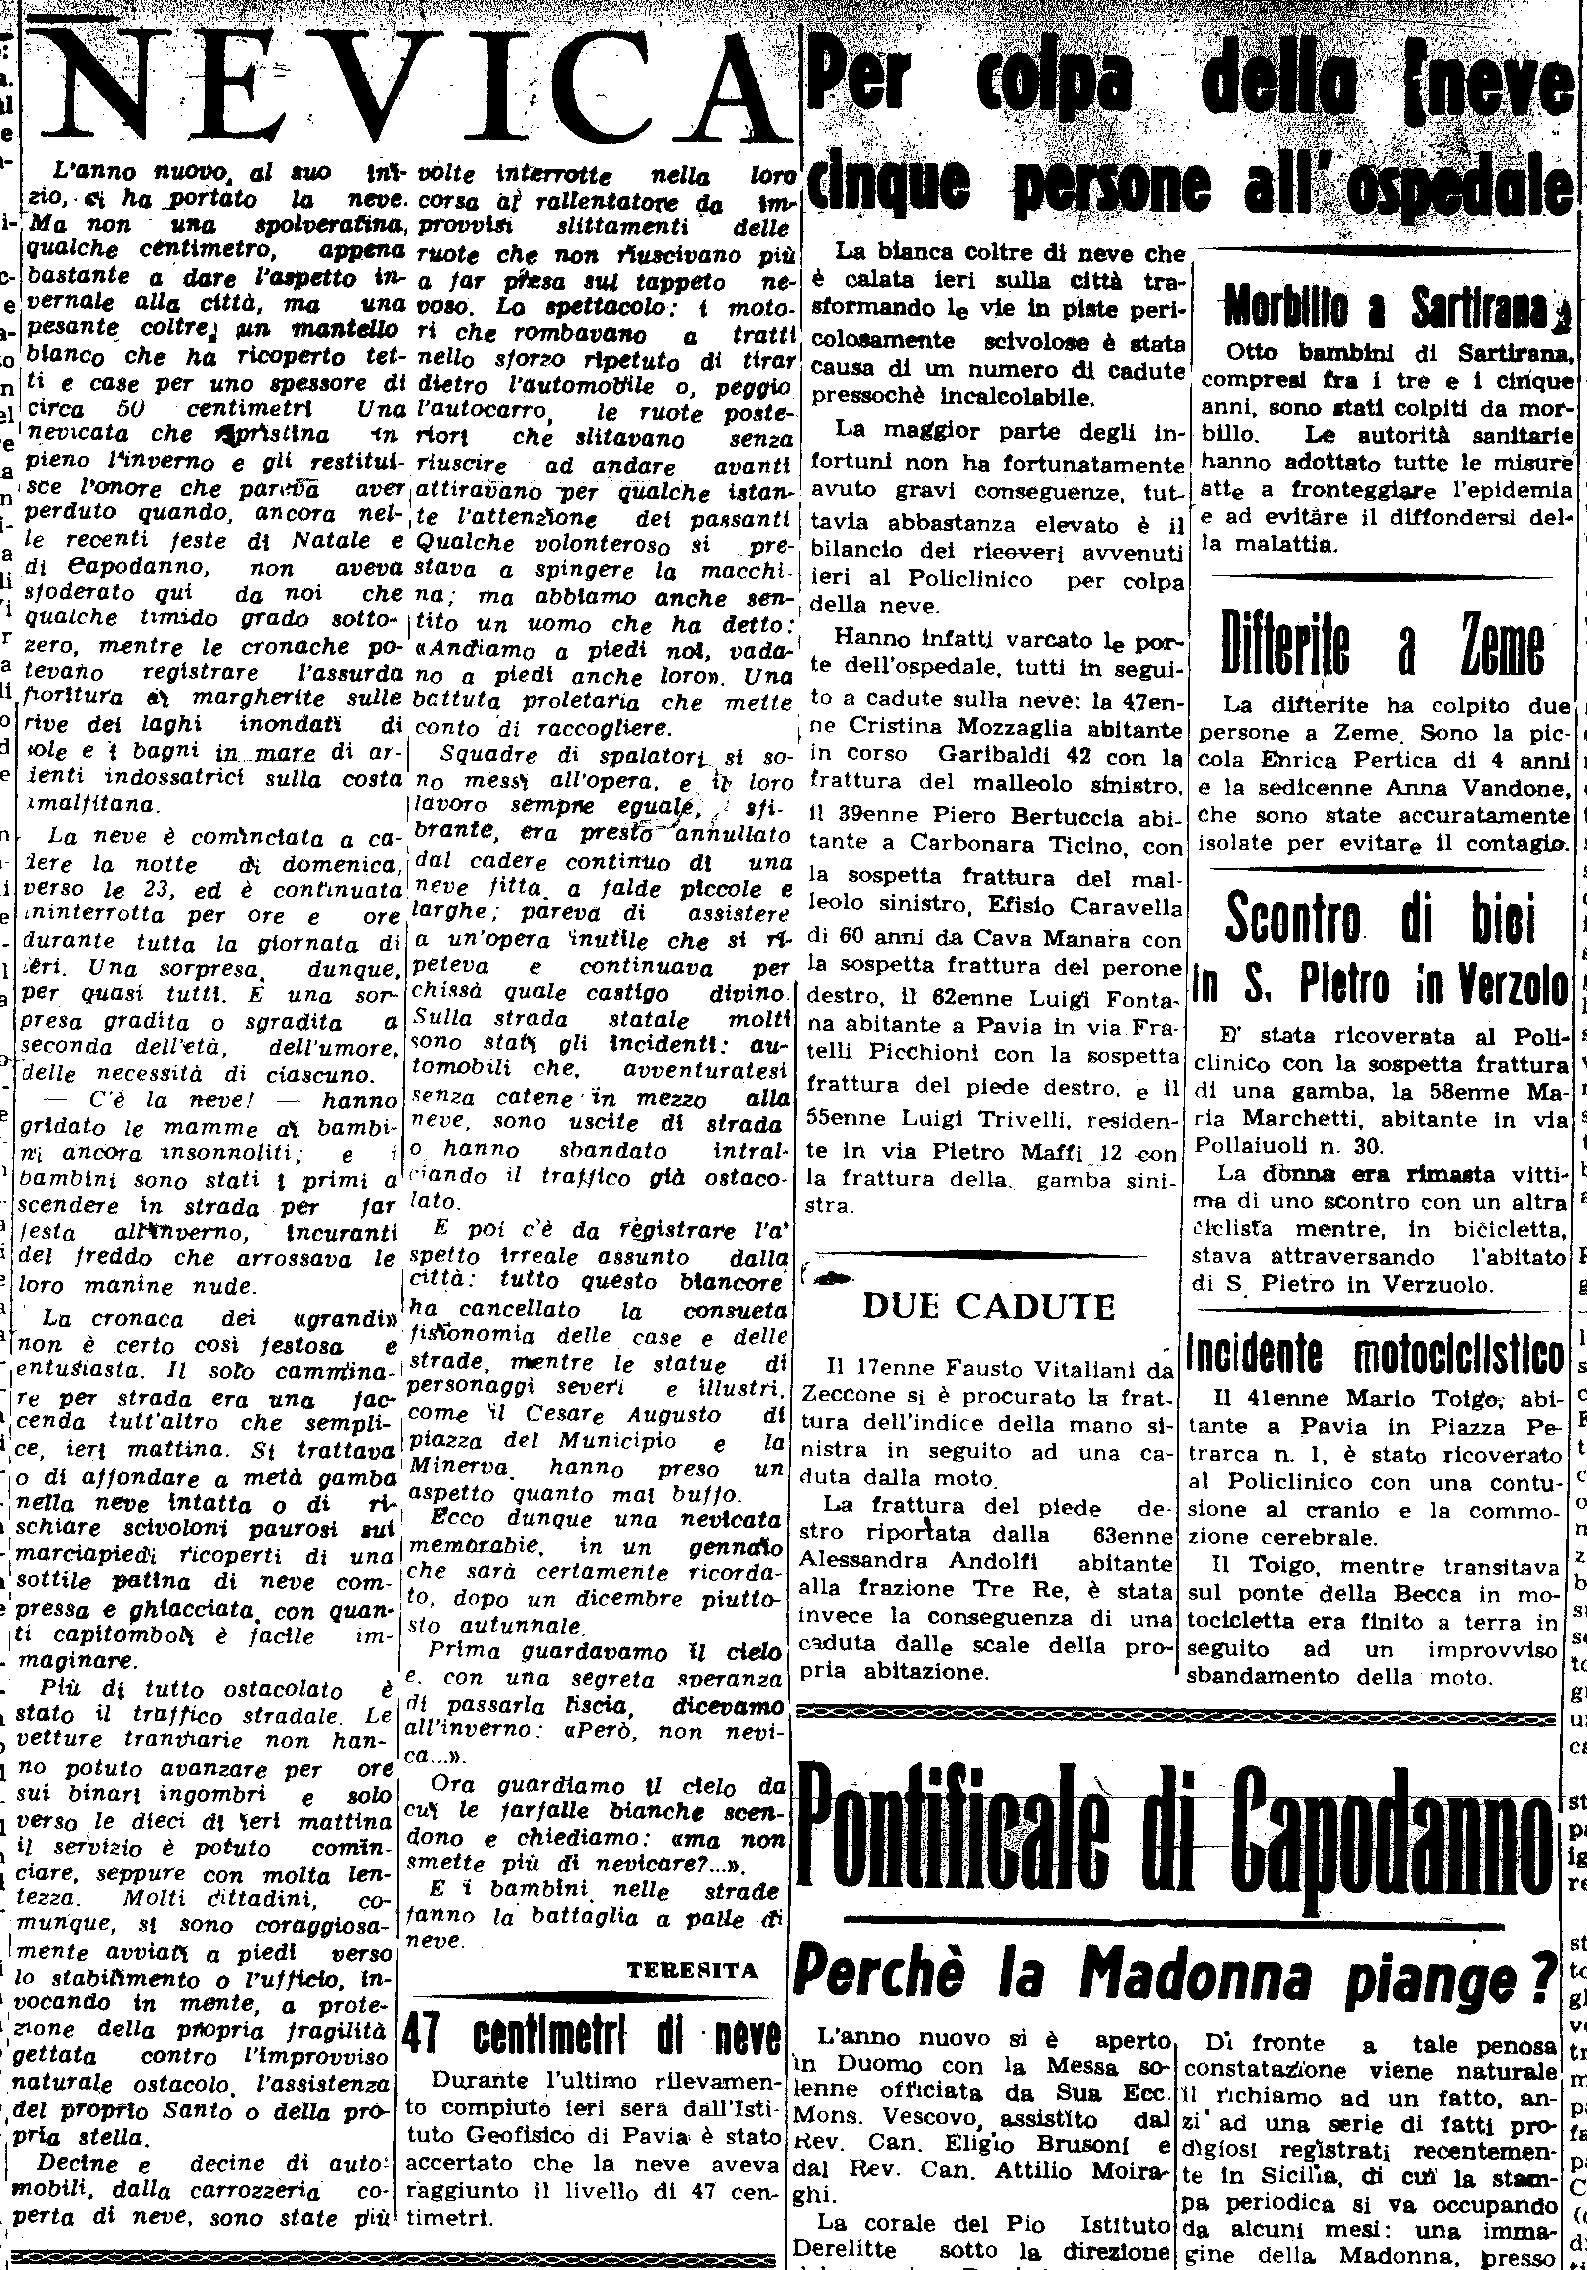 La nevicata del 5 Febbraio 1954 ripresa da un articolo de